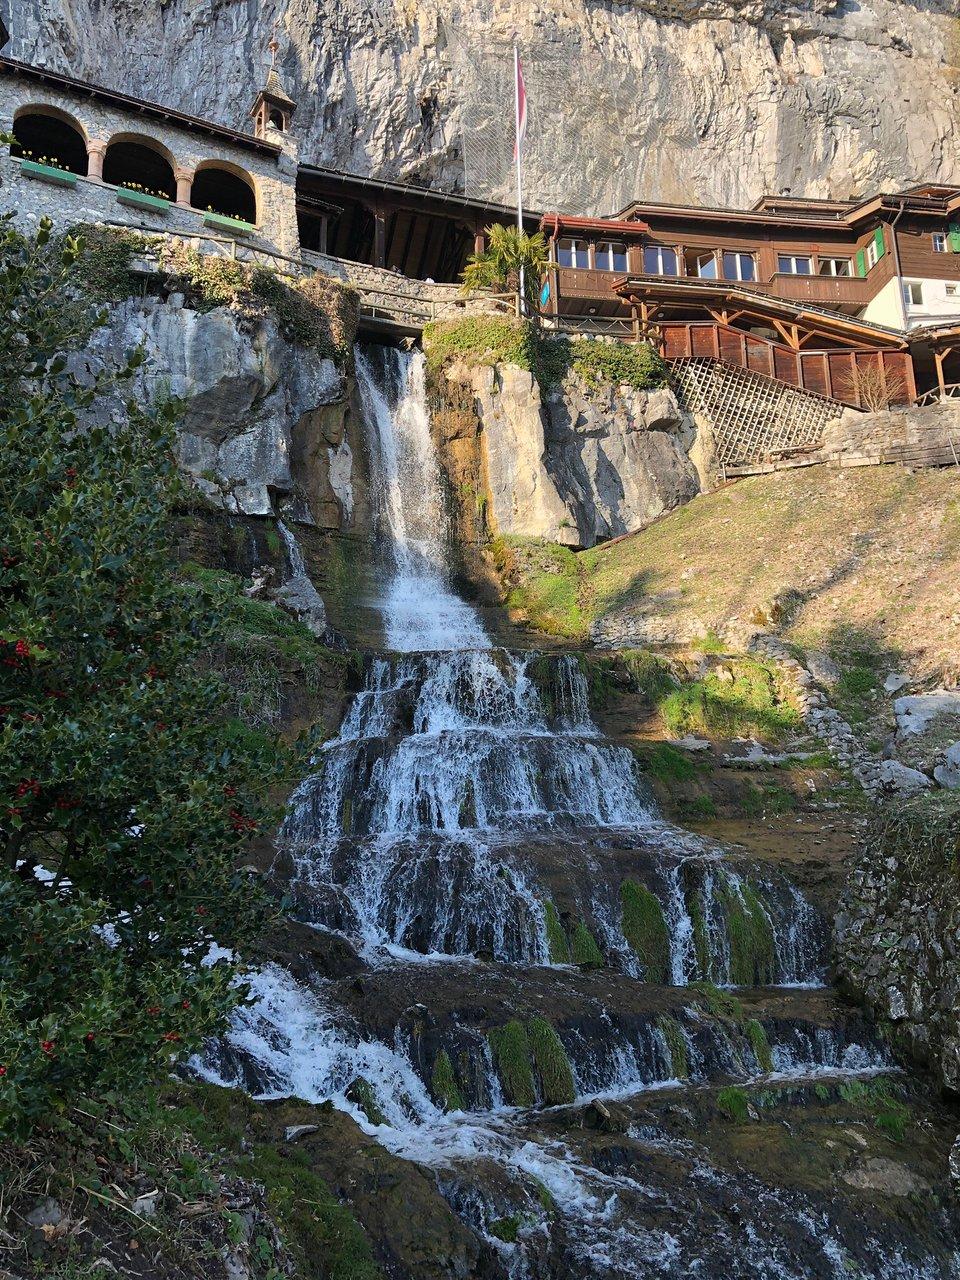 5 أنشطة سياحية يمكن القيام بها في كهف سانت بيتوس في انترلاكن سويسرا